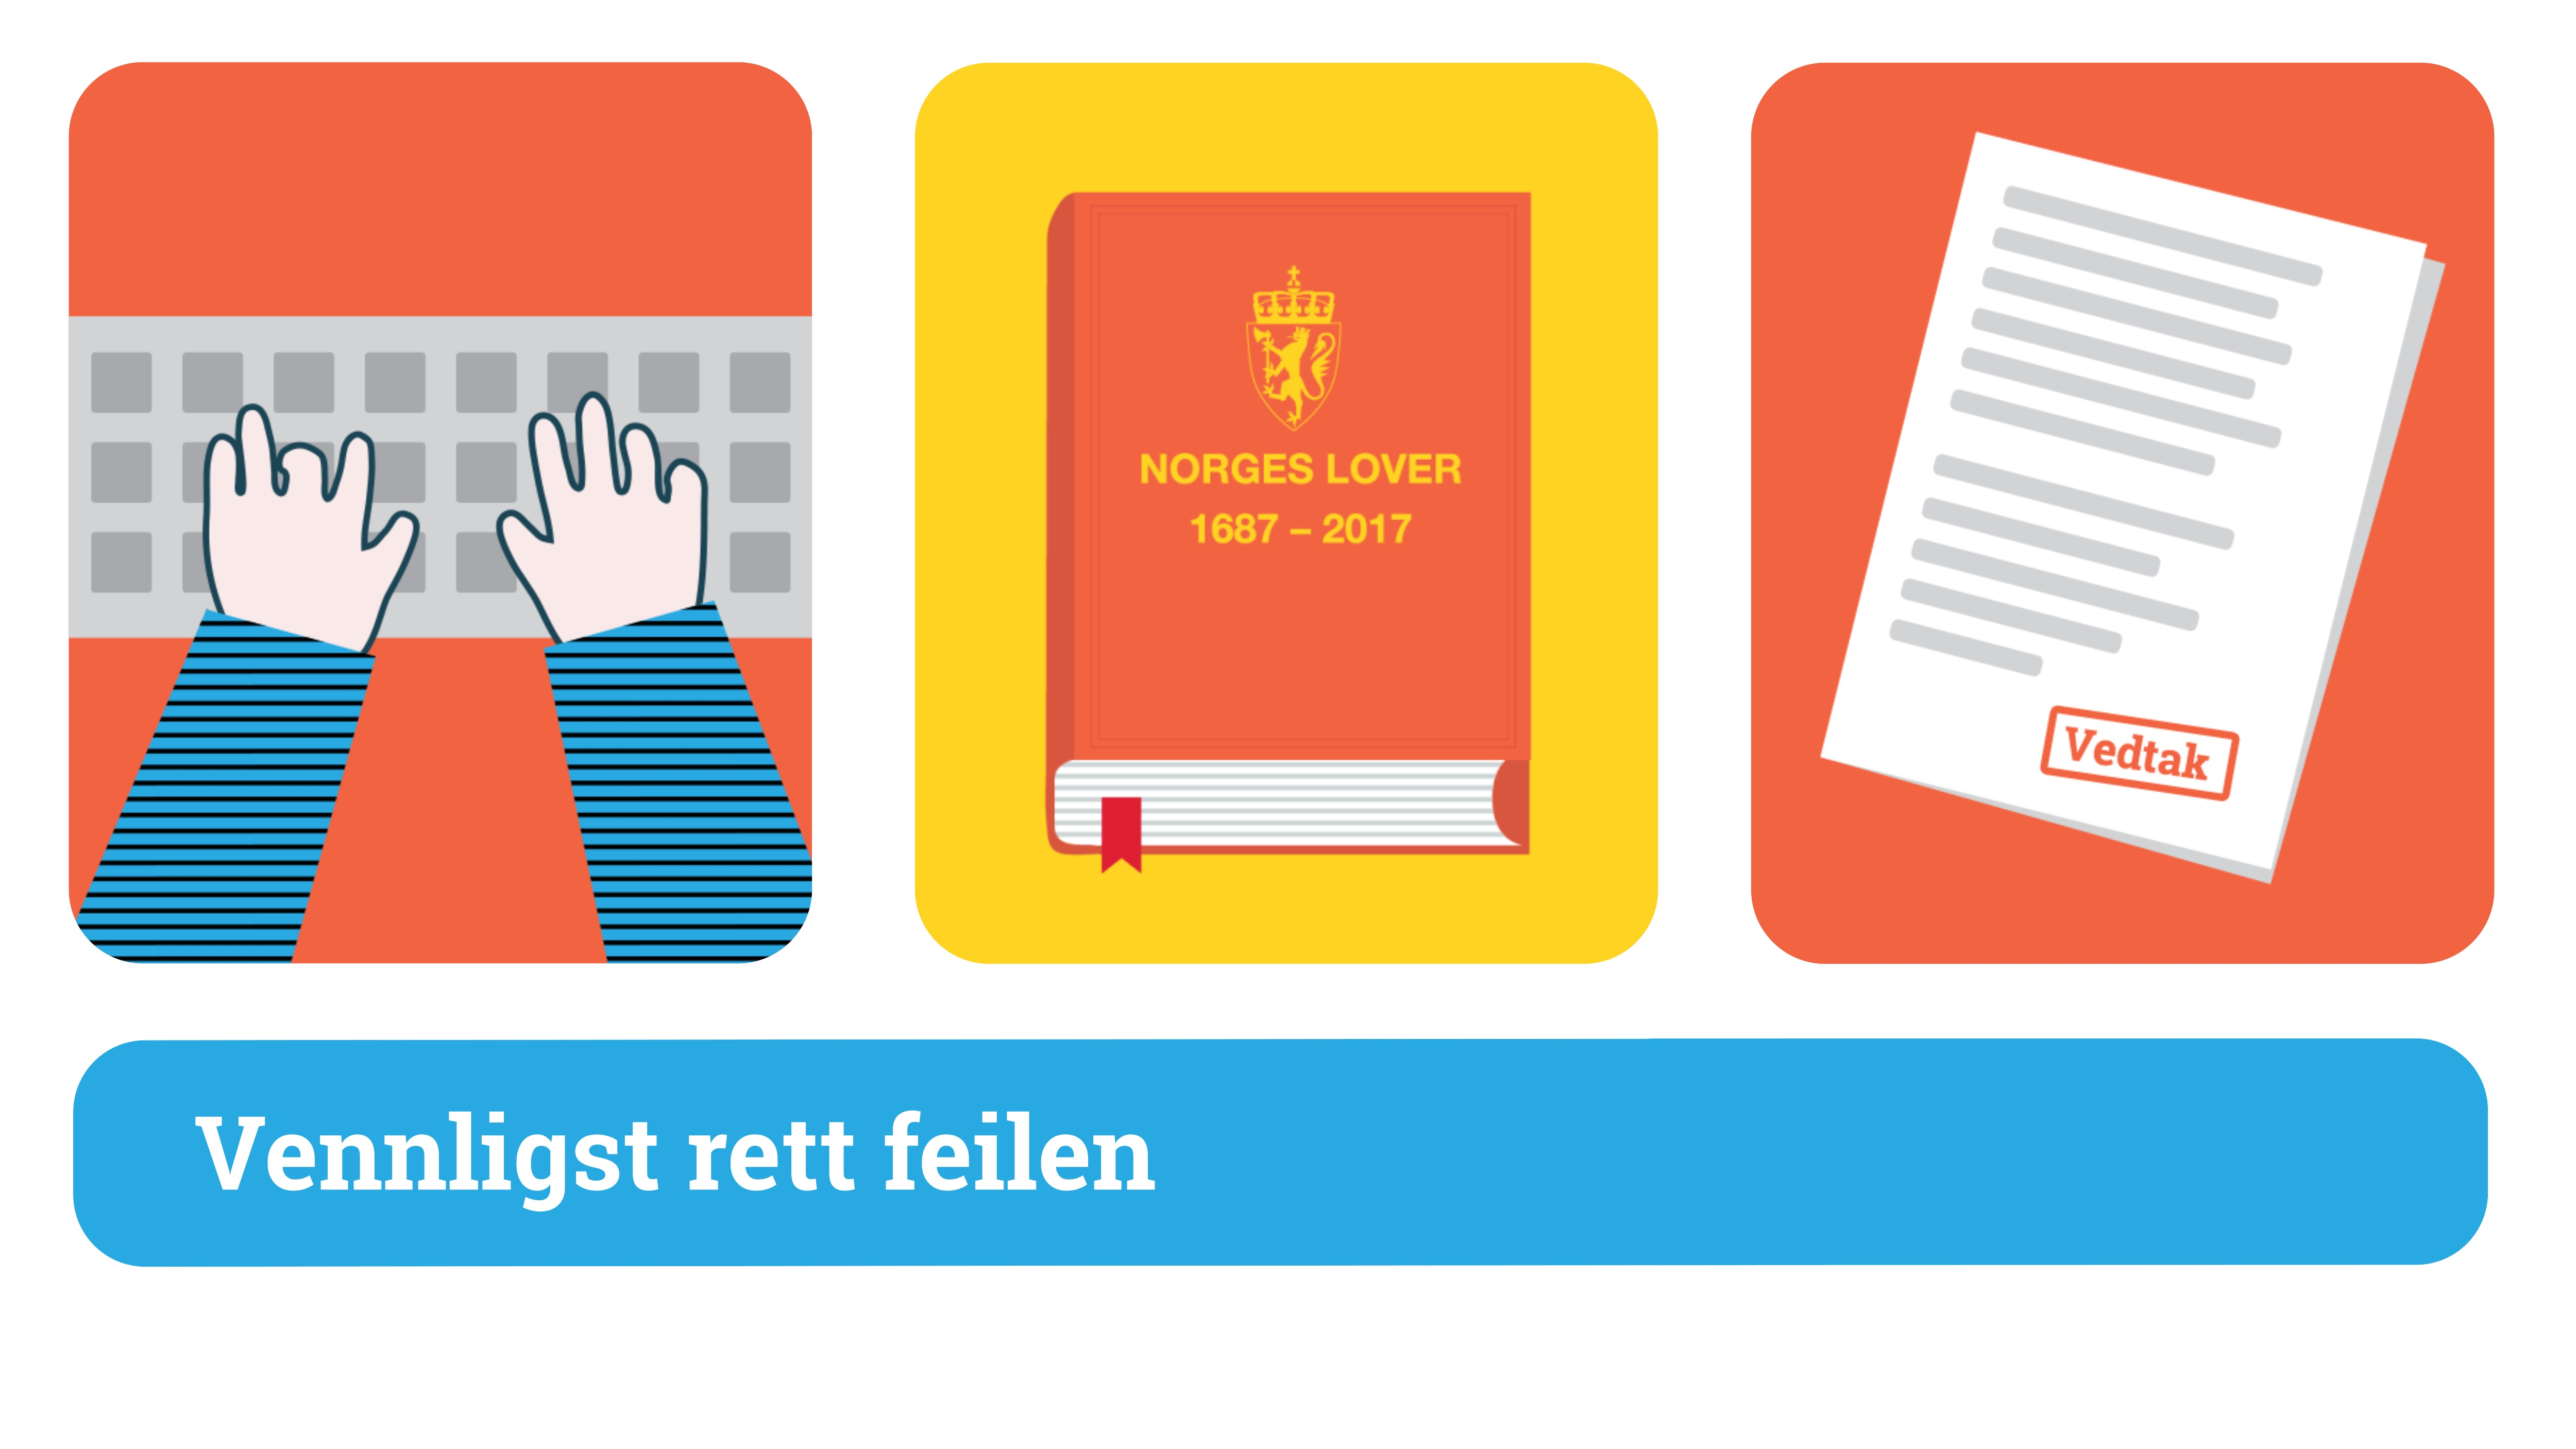 """Animert illustrasjon: 1Fingrer skriver på tastatur, 2:Norges lover, 3:Et dokument med stempelet """"Vedtak"""""""